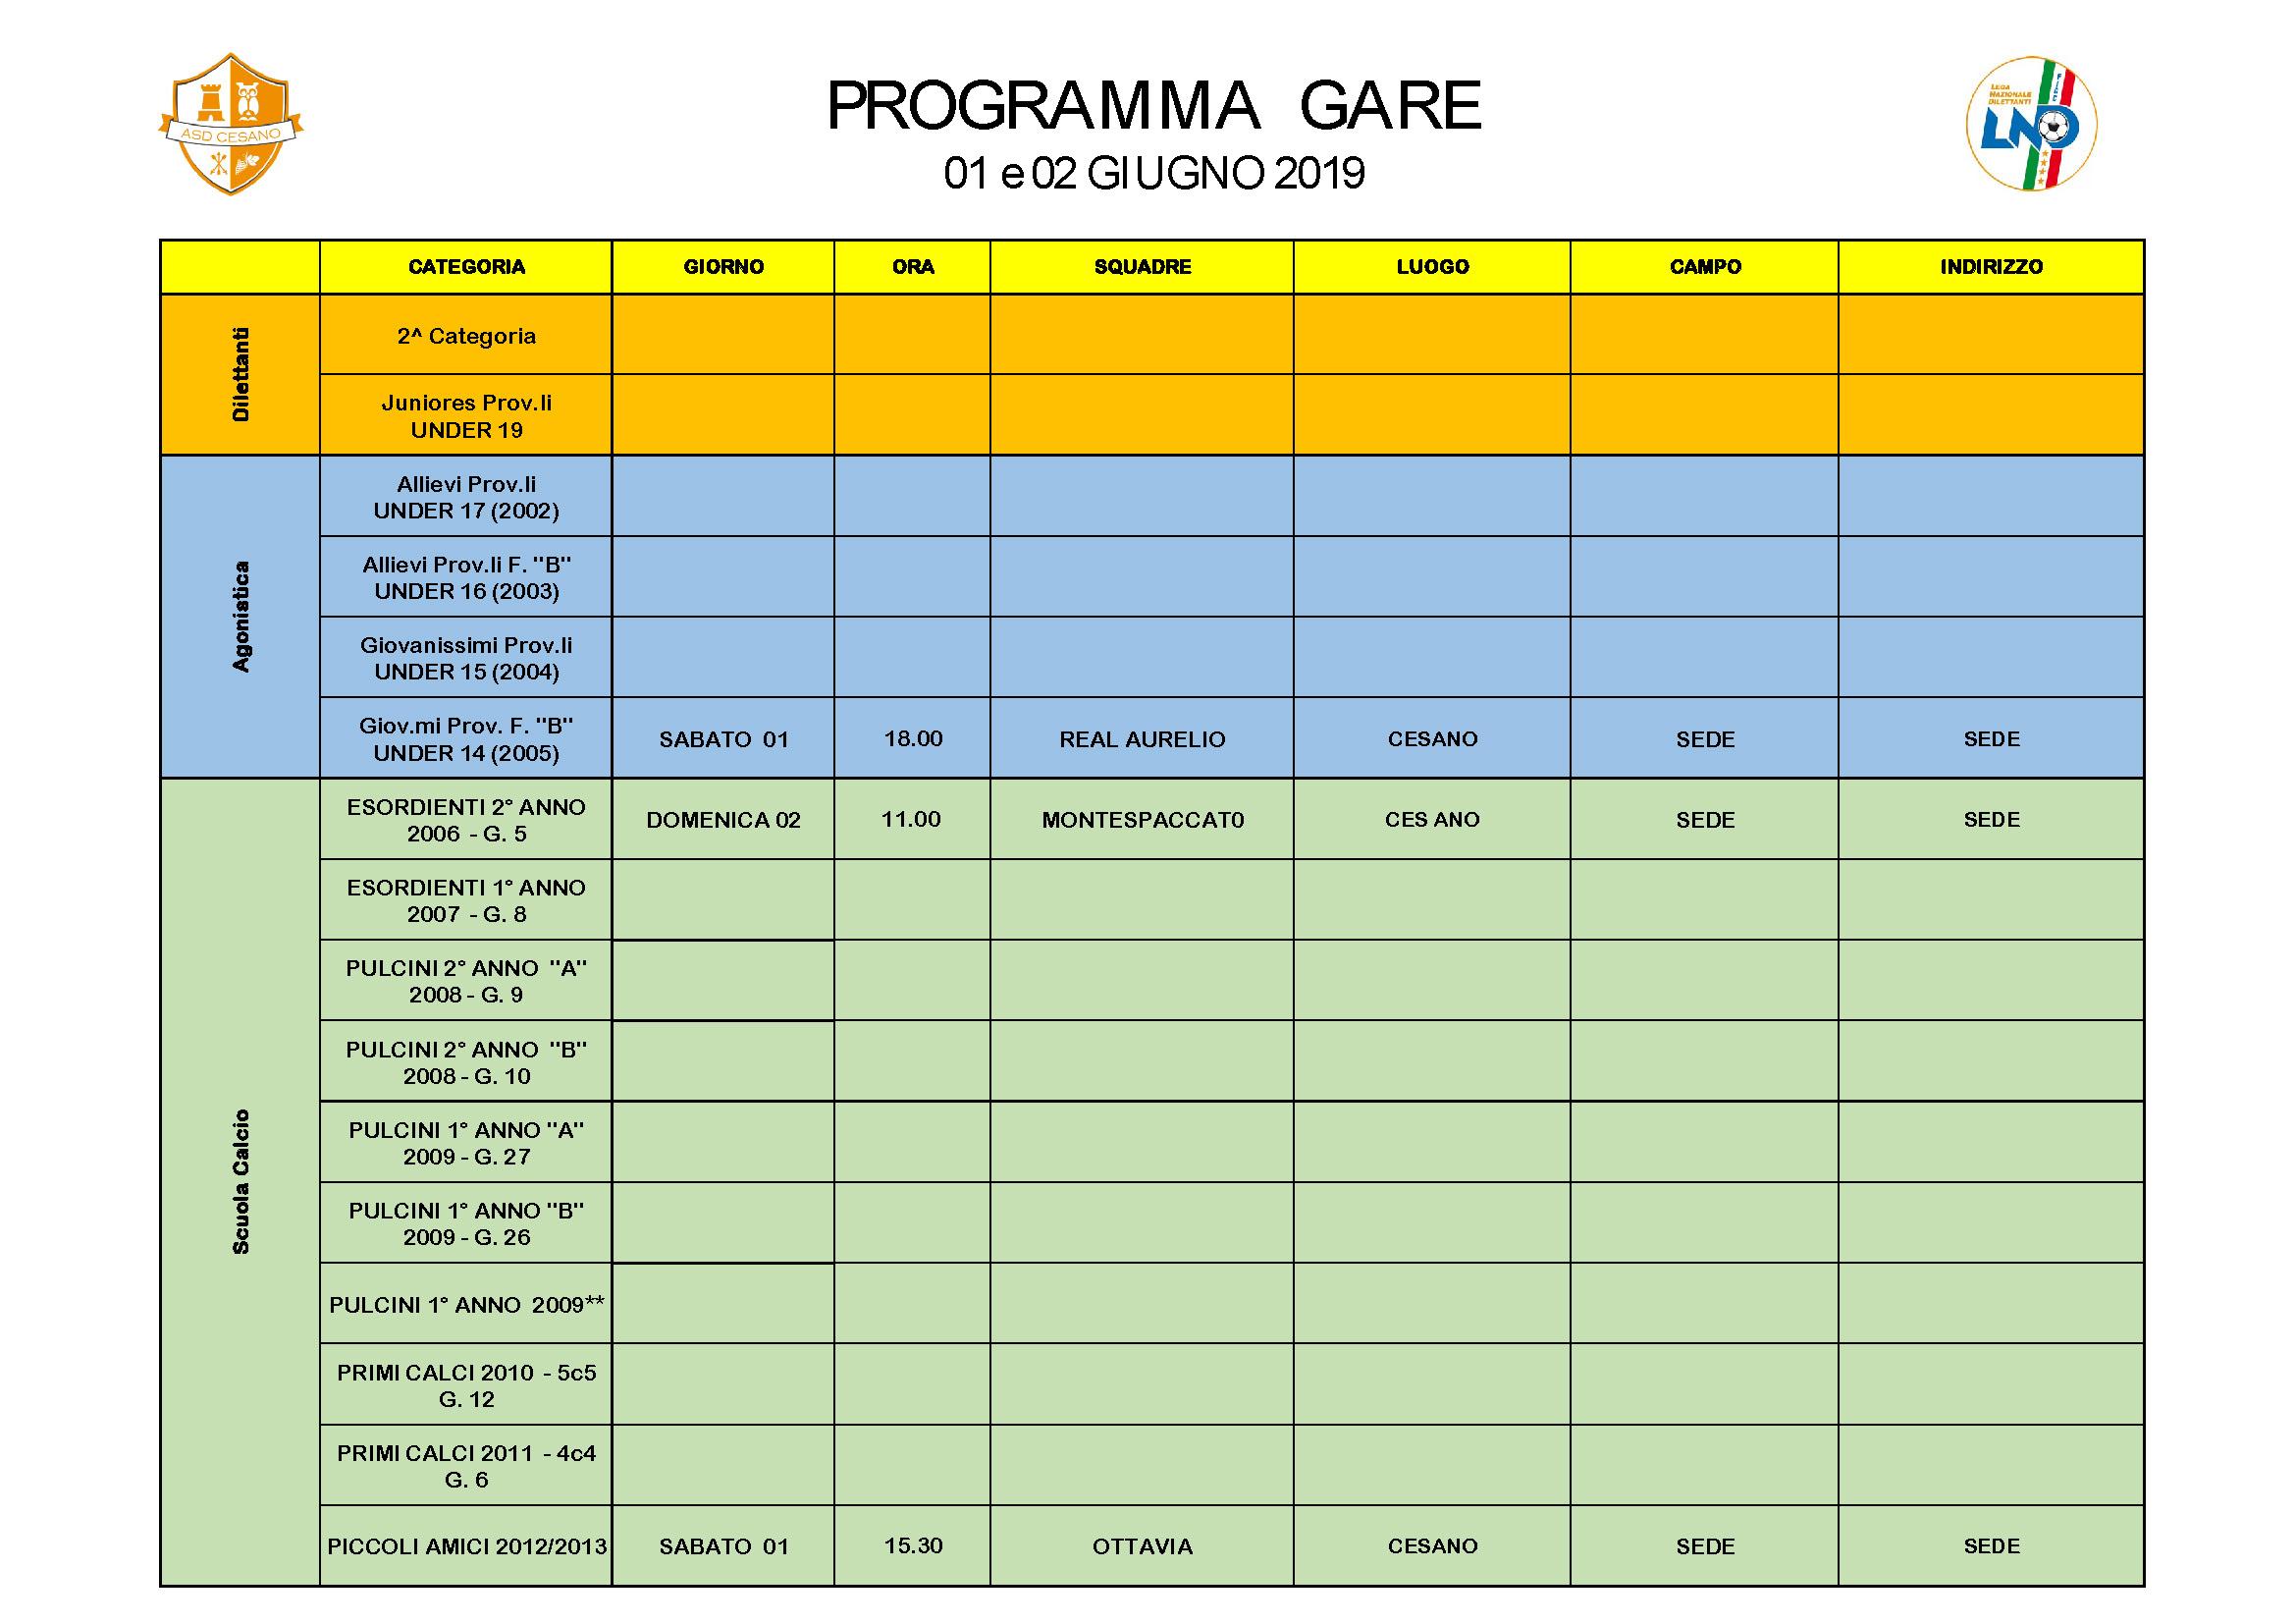 Programma gare 01-06-2019